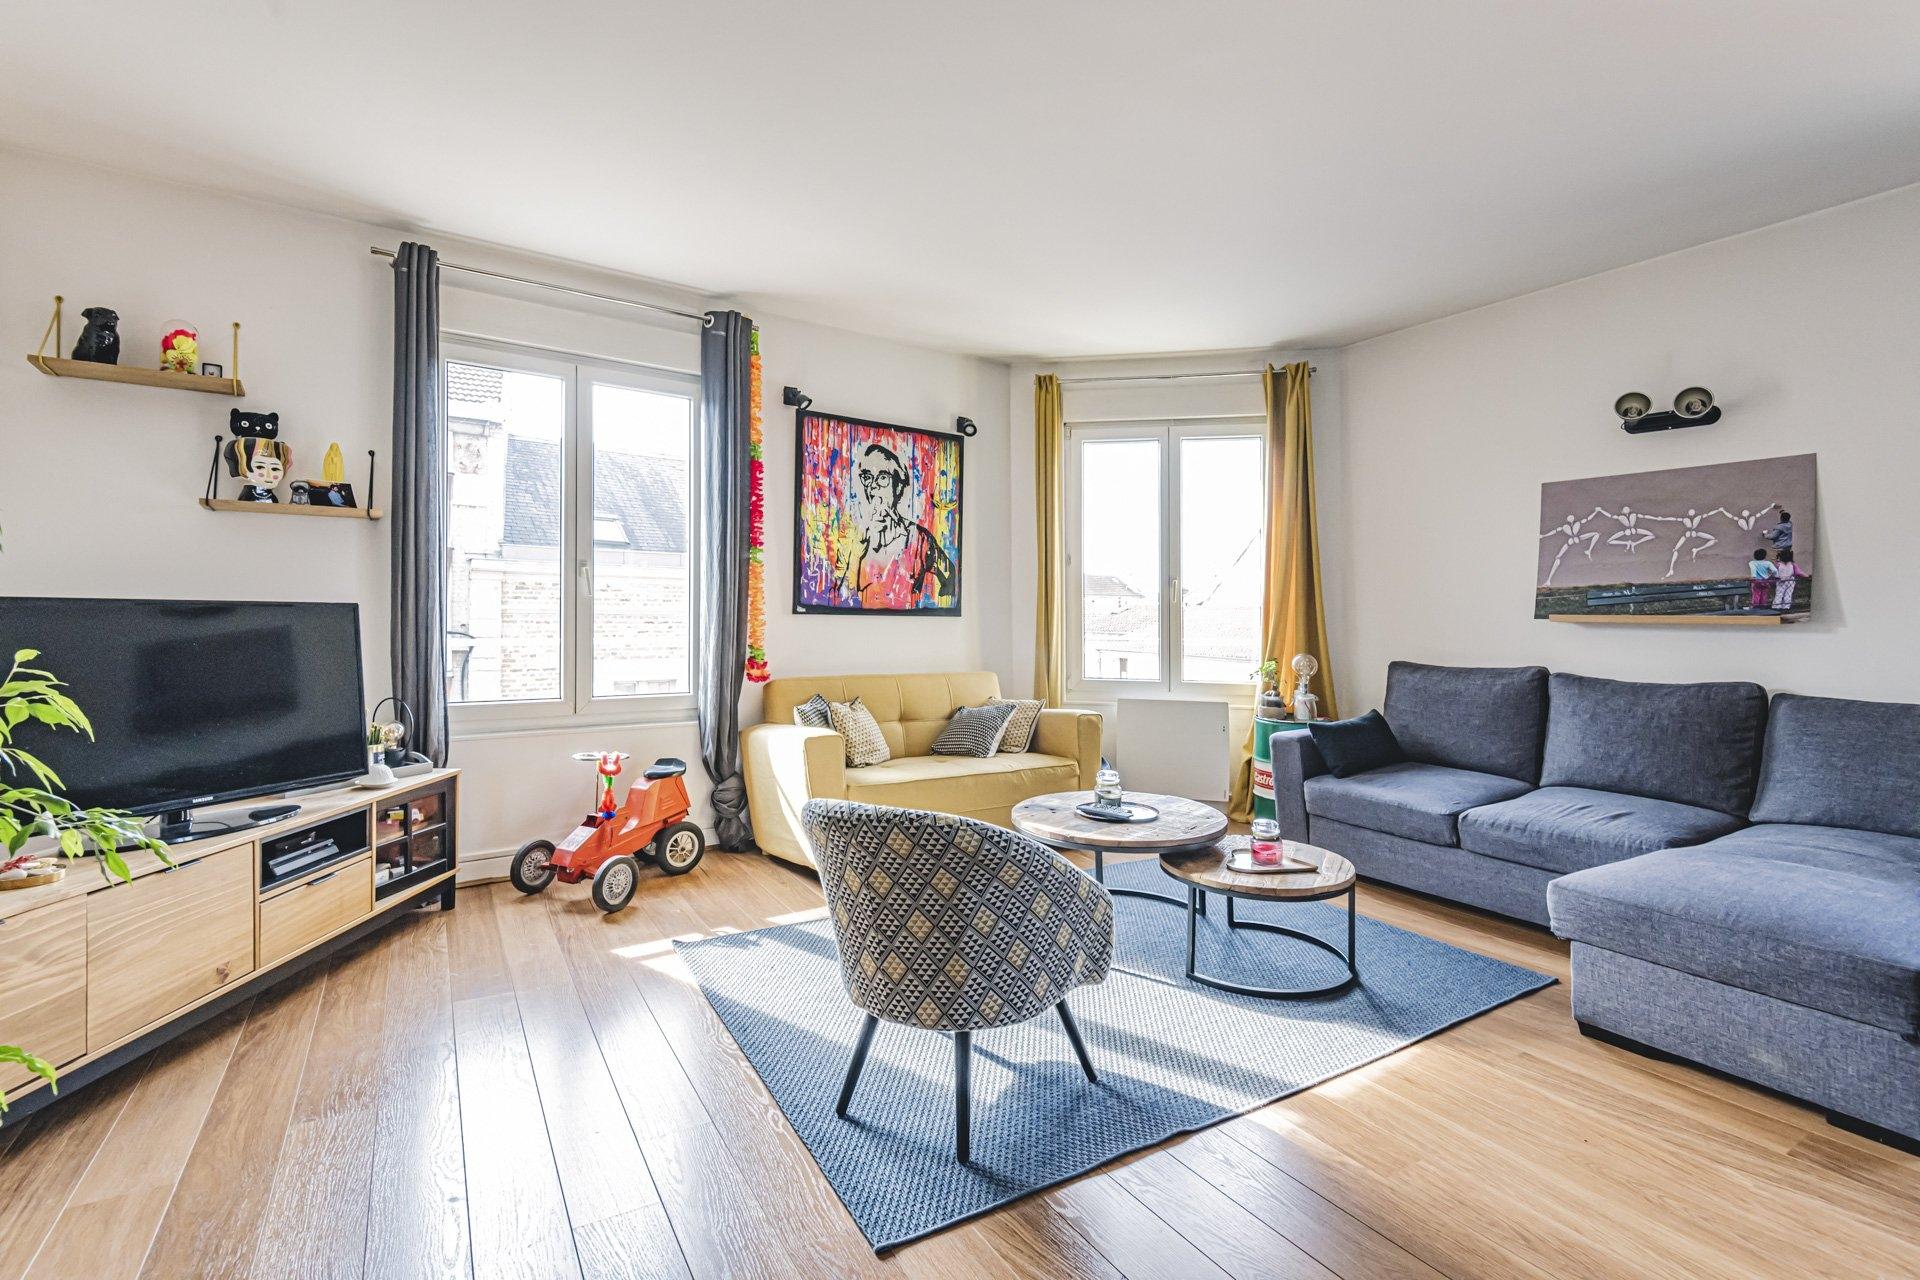 Appartement Reims 4 Pièces 104 m2 - 1